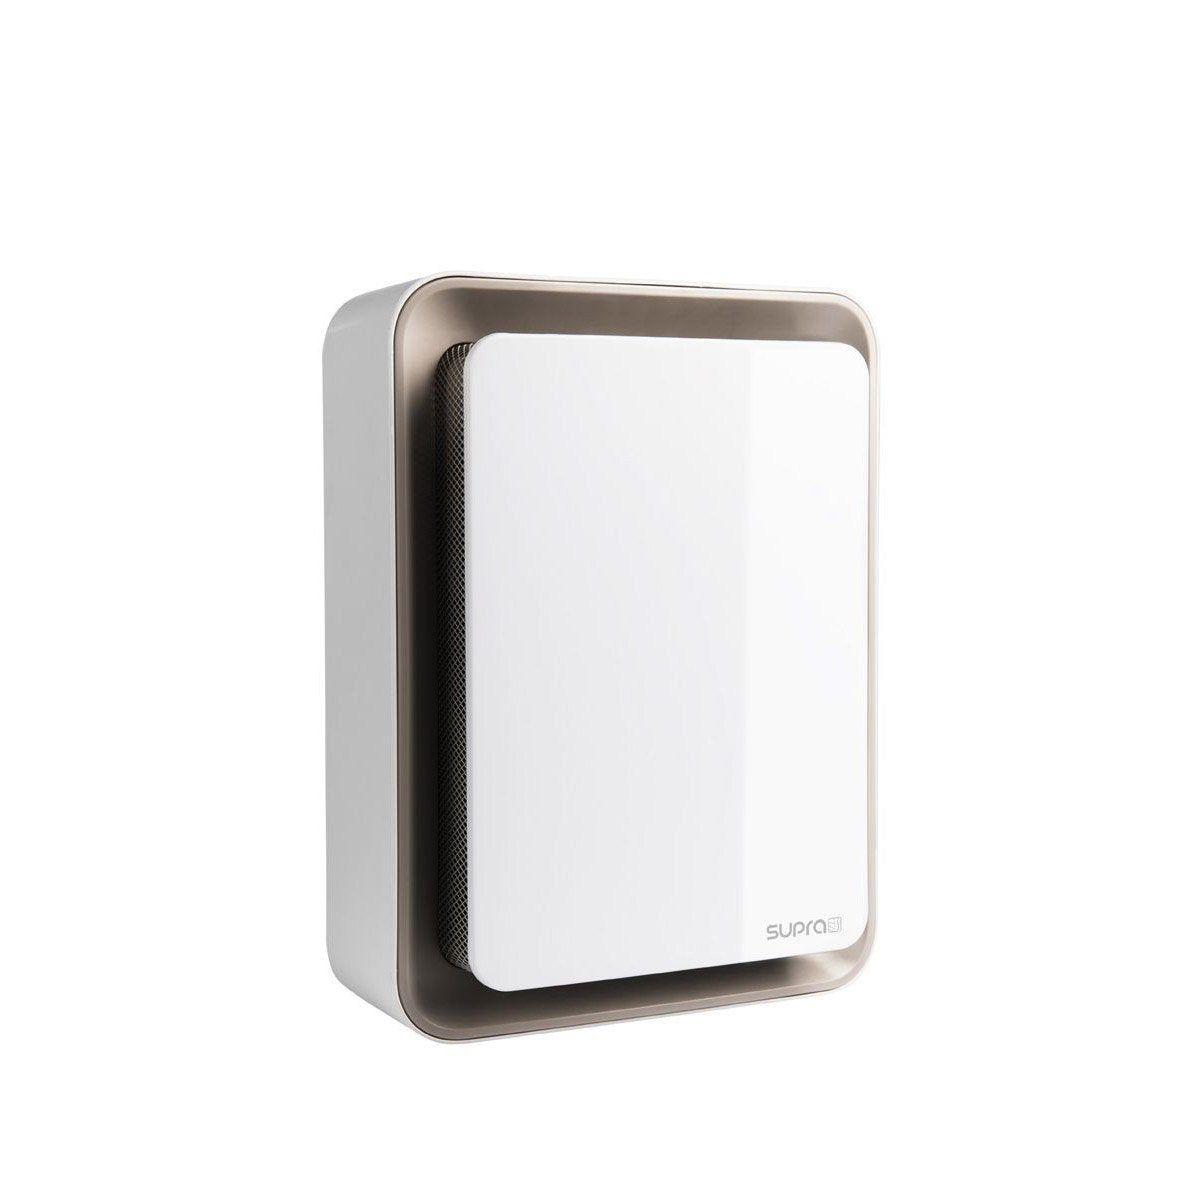 Radiateur Soufflant Electrique Supra Zitto 11 Blanc Taupe 1800 W Radiateur Soufflant Chauffage Salle De Bain Et Radiateur